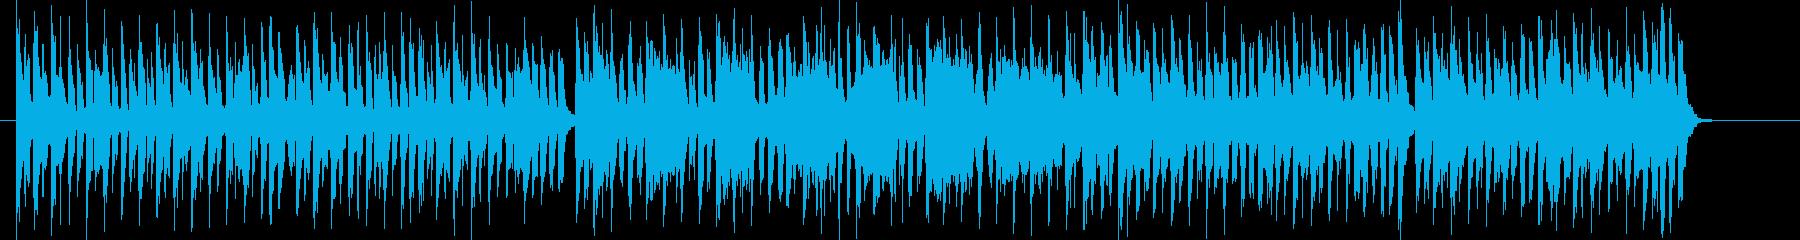 可愛らしいポップなミュージックの再生済みの波形